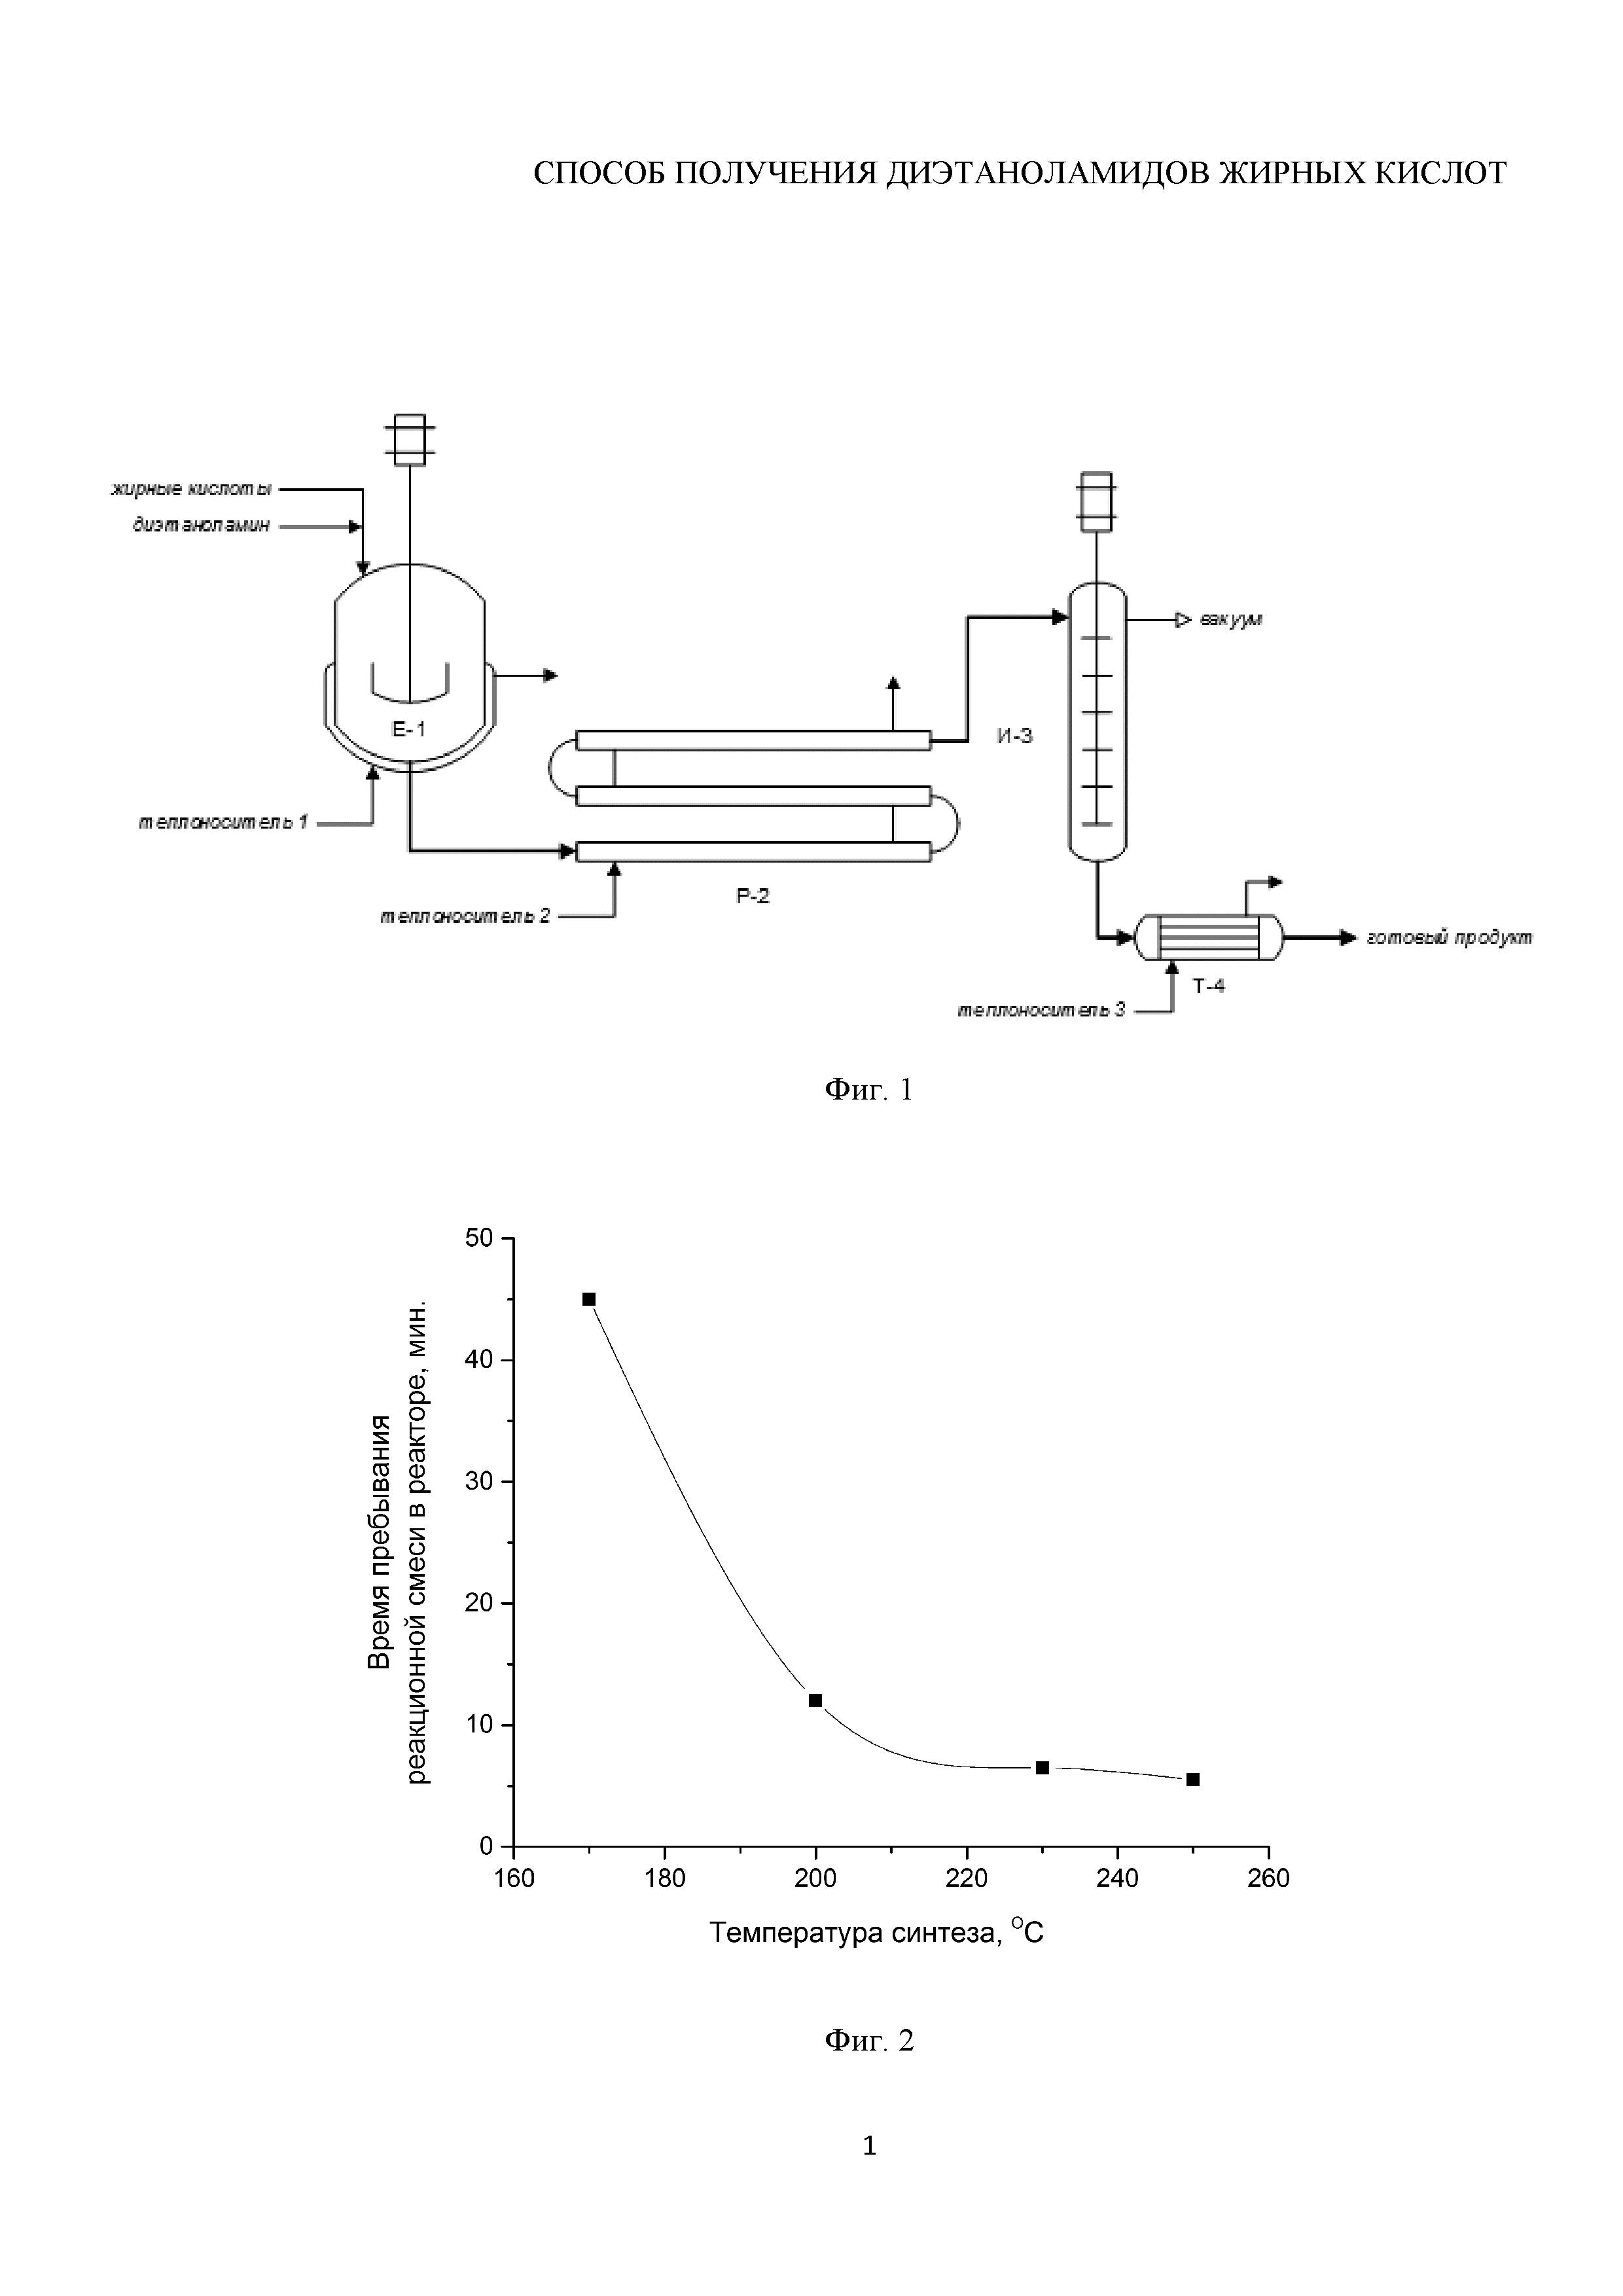 Способ получения диэтаноламидов жирных кислот